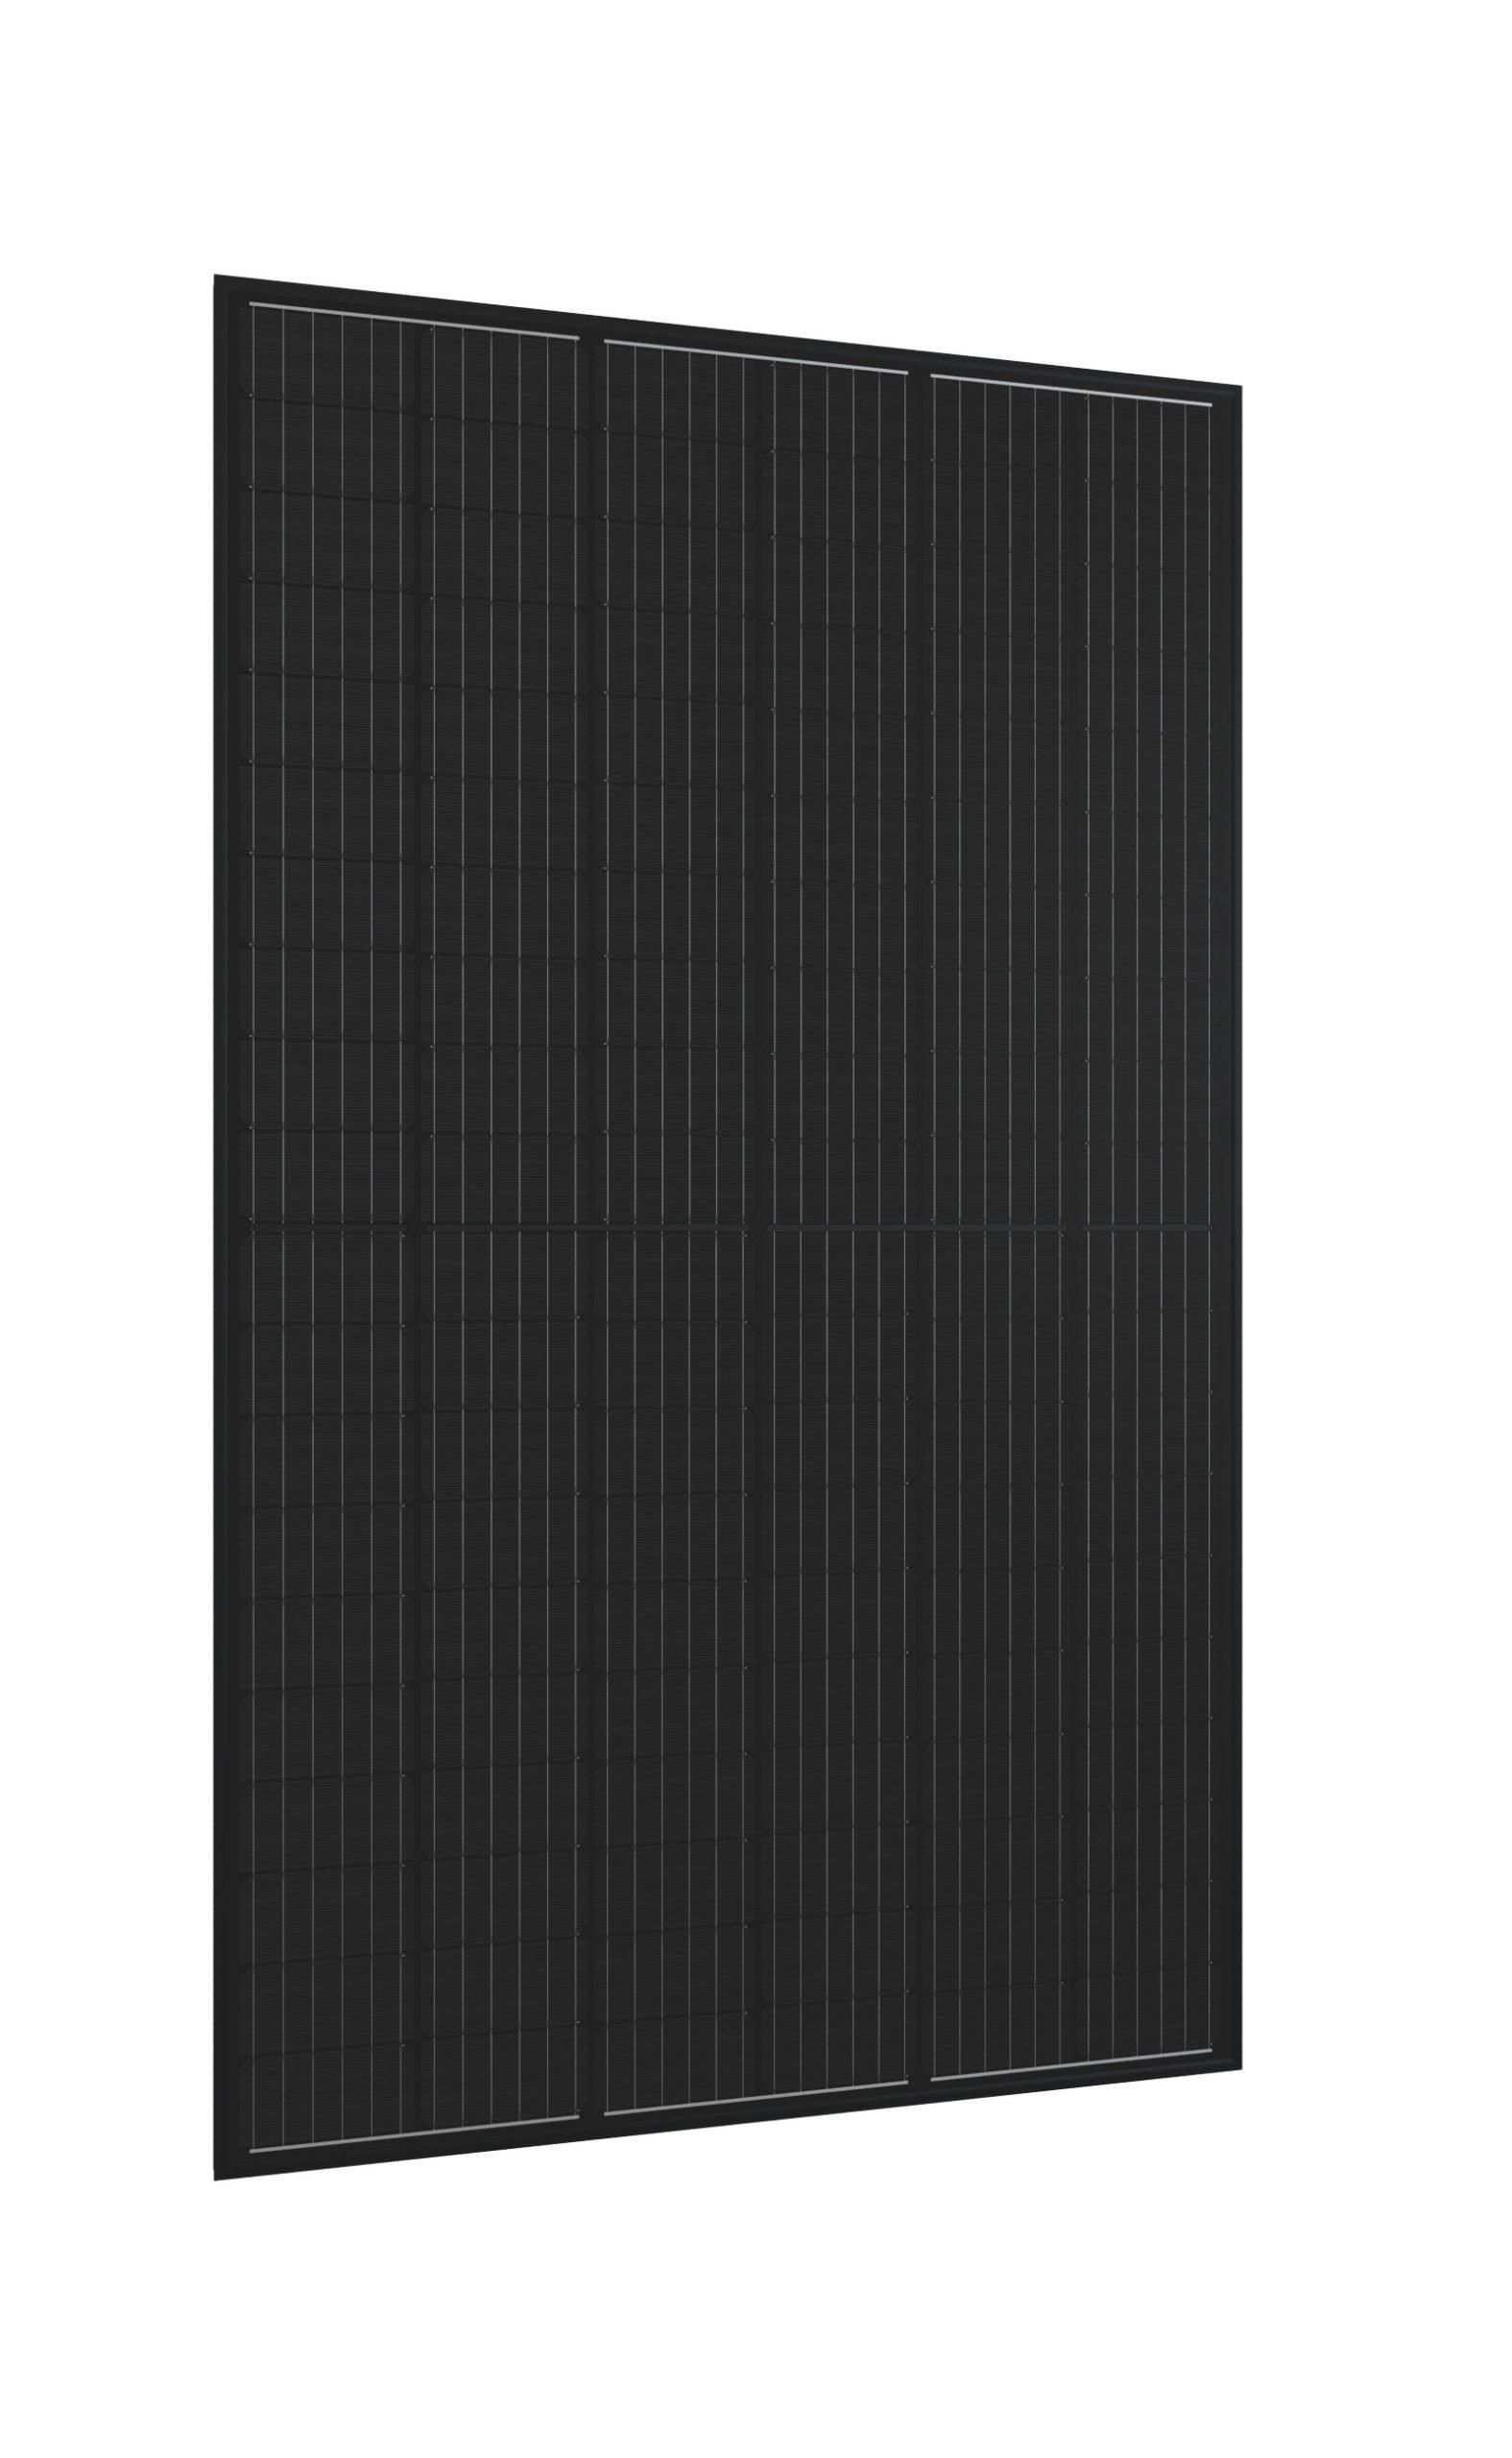 Q.PEAK DUO BLK G6 zoom 024 2019 06 scaled